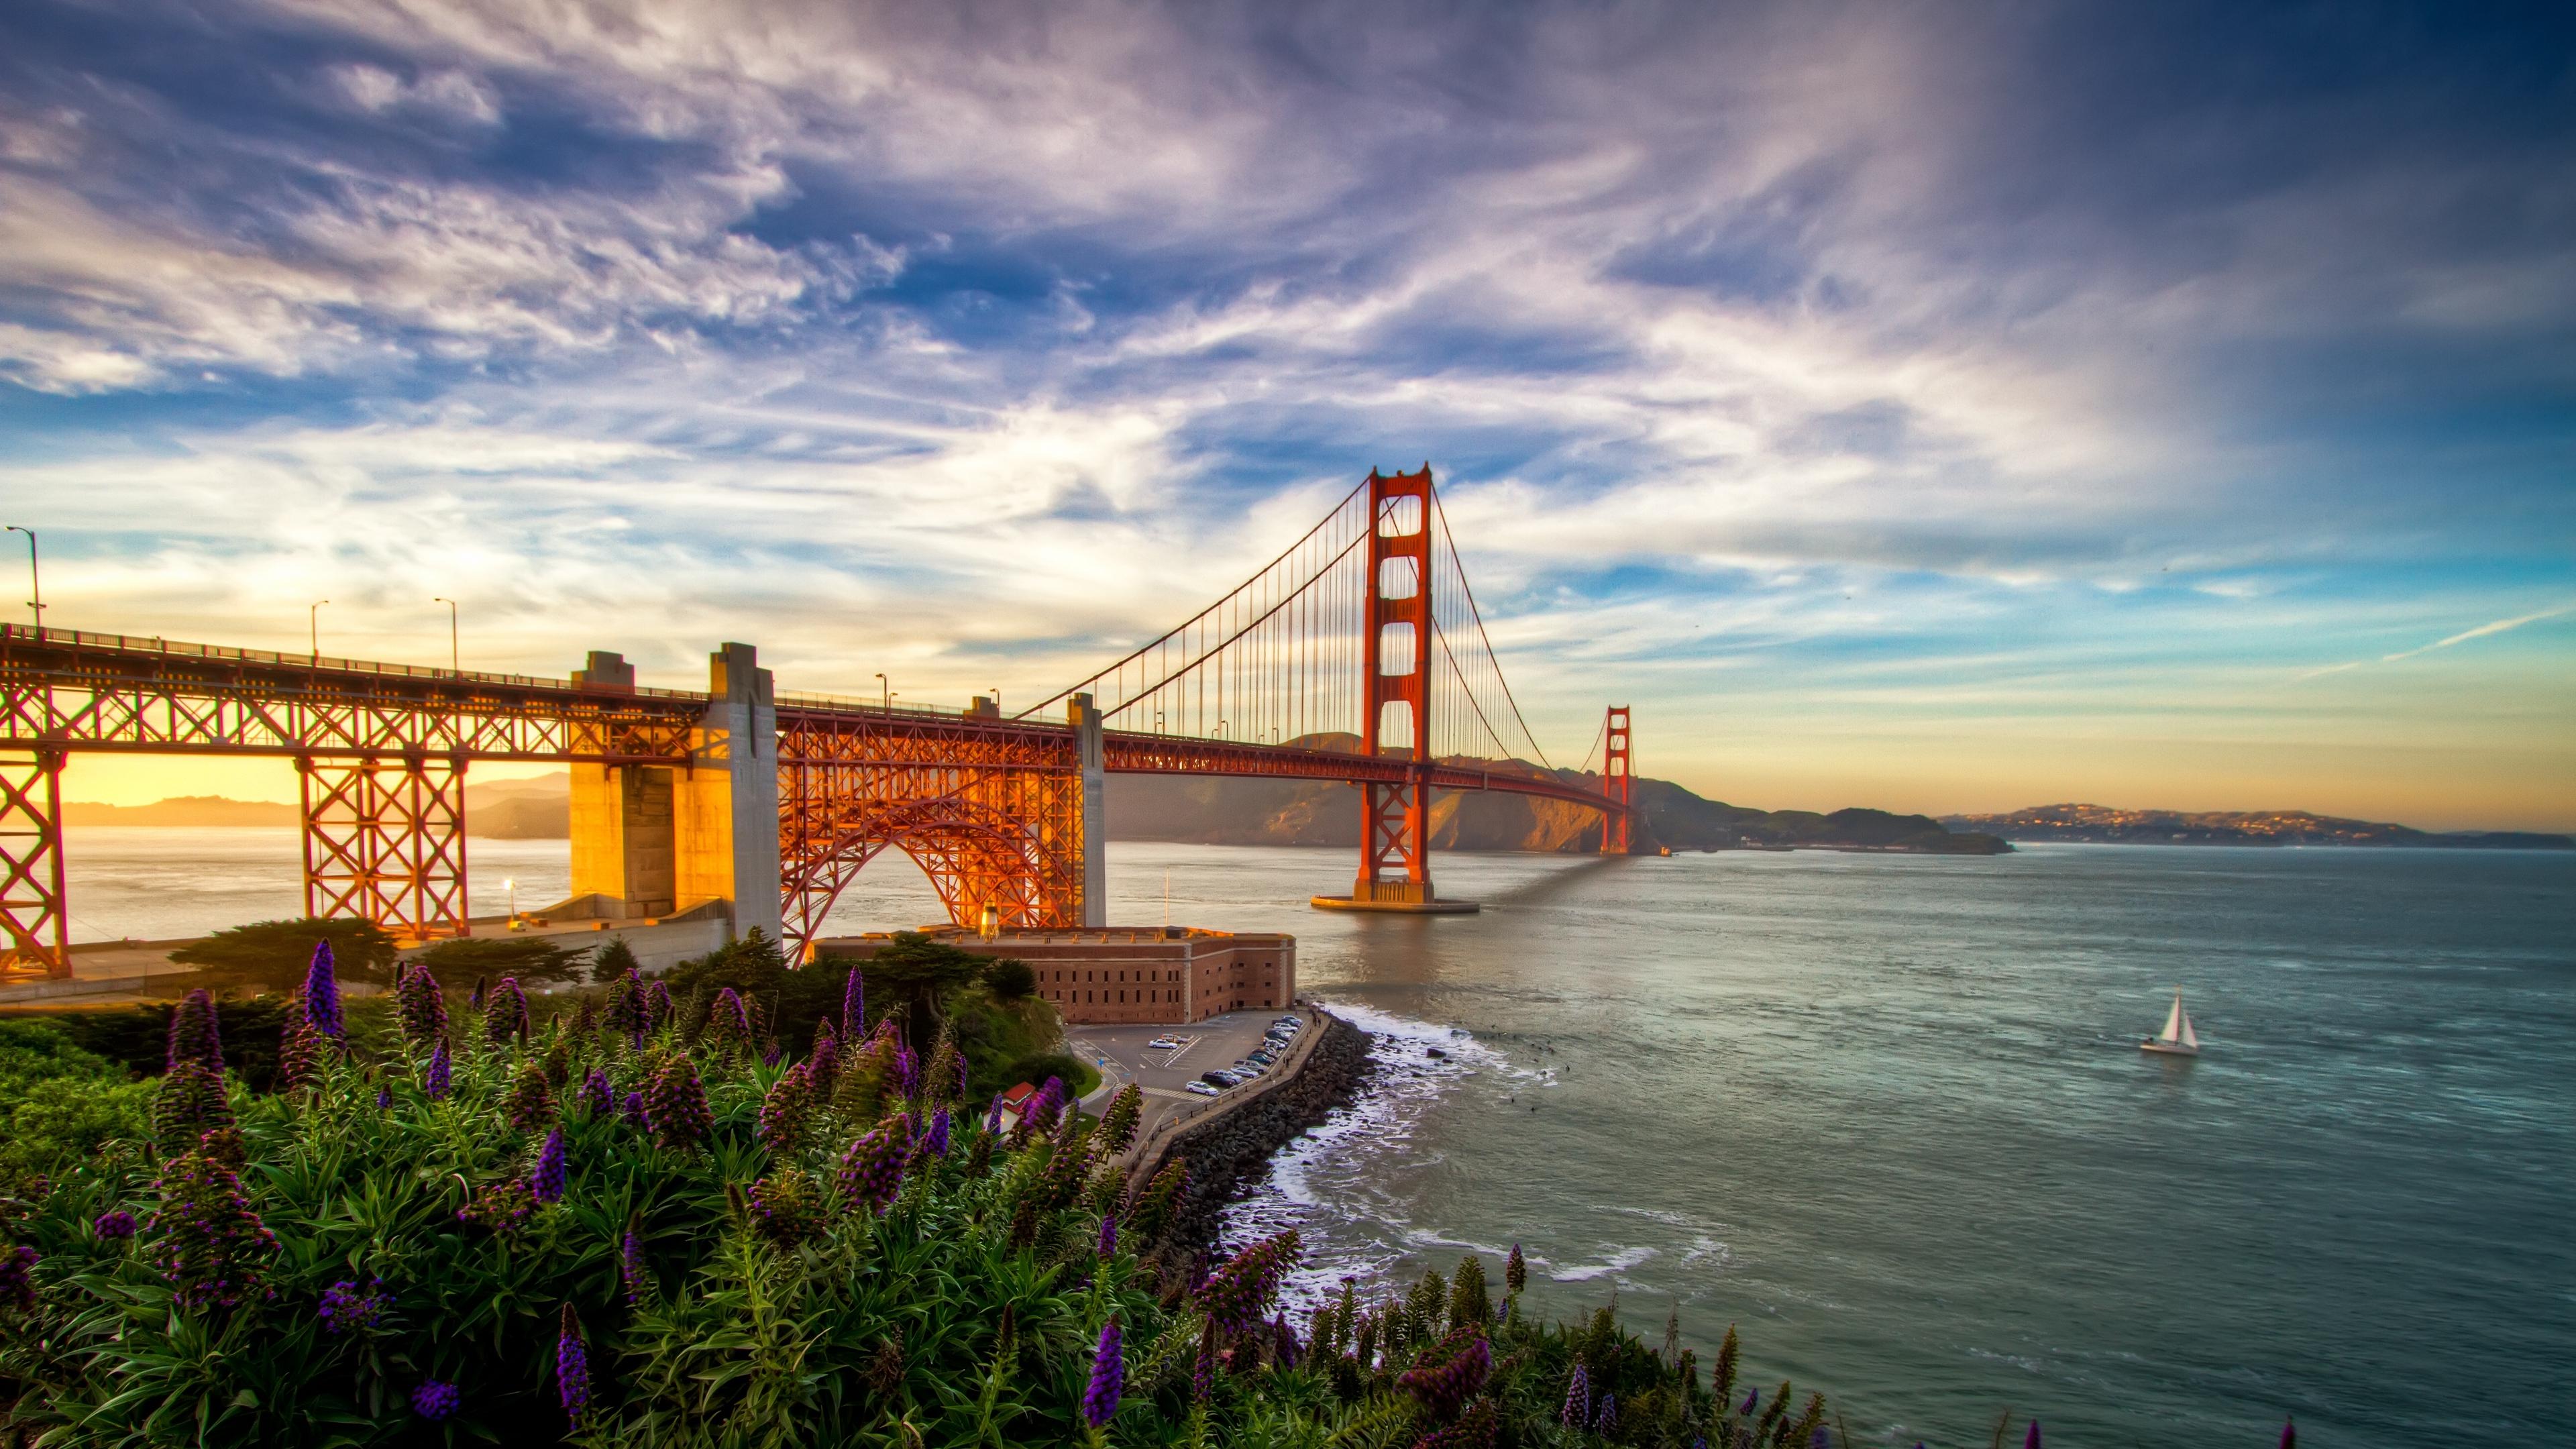 san francisco usa pacific ocean california sailboat flowers 4k 1538065668 - san francisco, usa, pacific ocean, california, sailboat, flowers 4k - USA, san francisco, pacific ocean